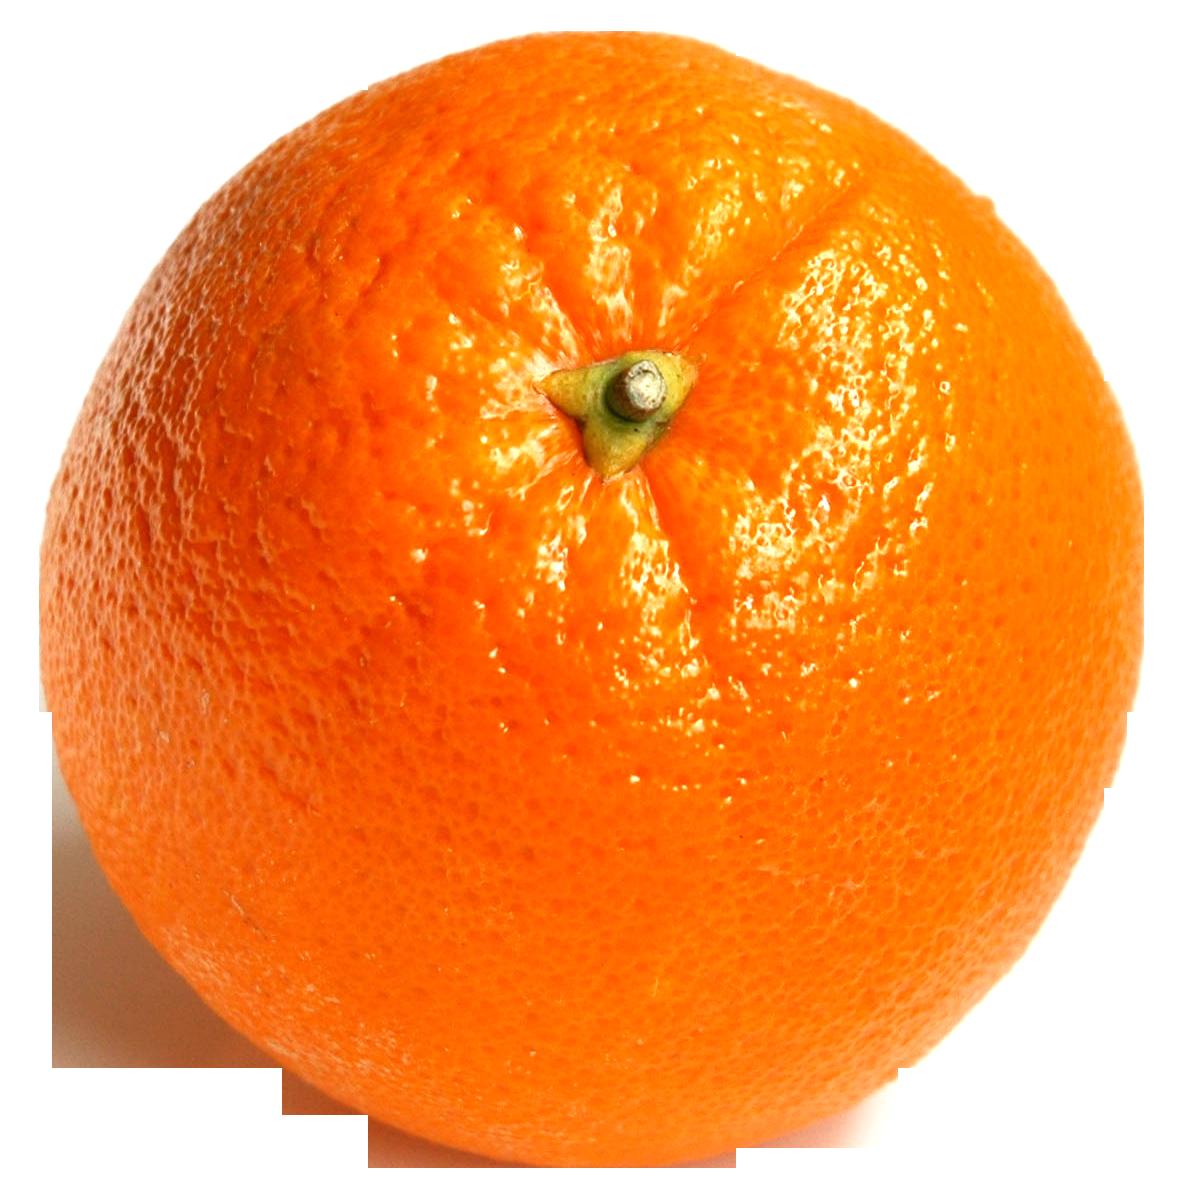 orange-fruit-png-image-2_1.png